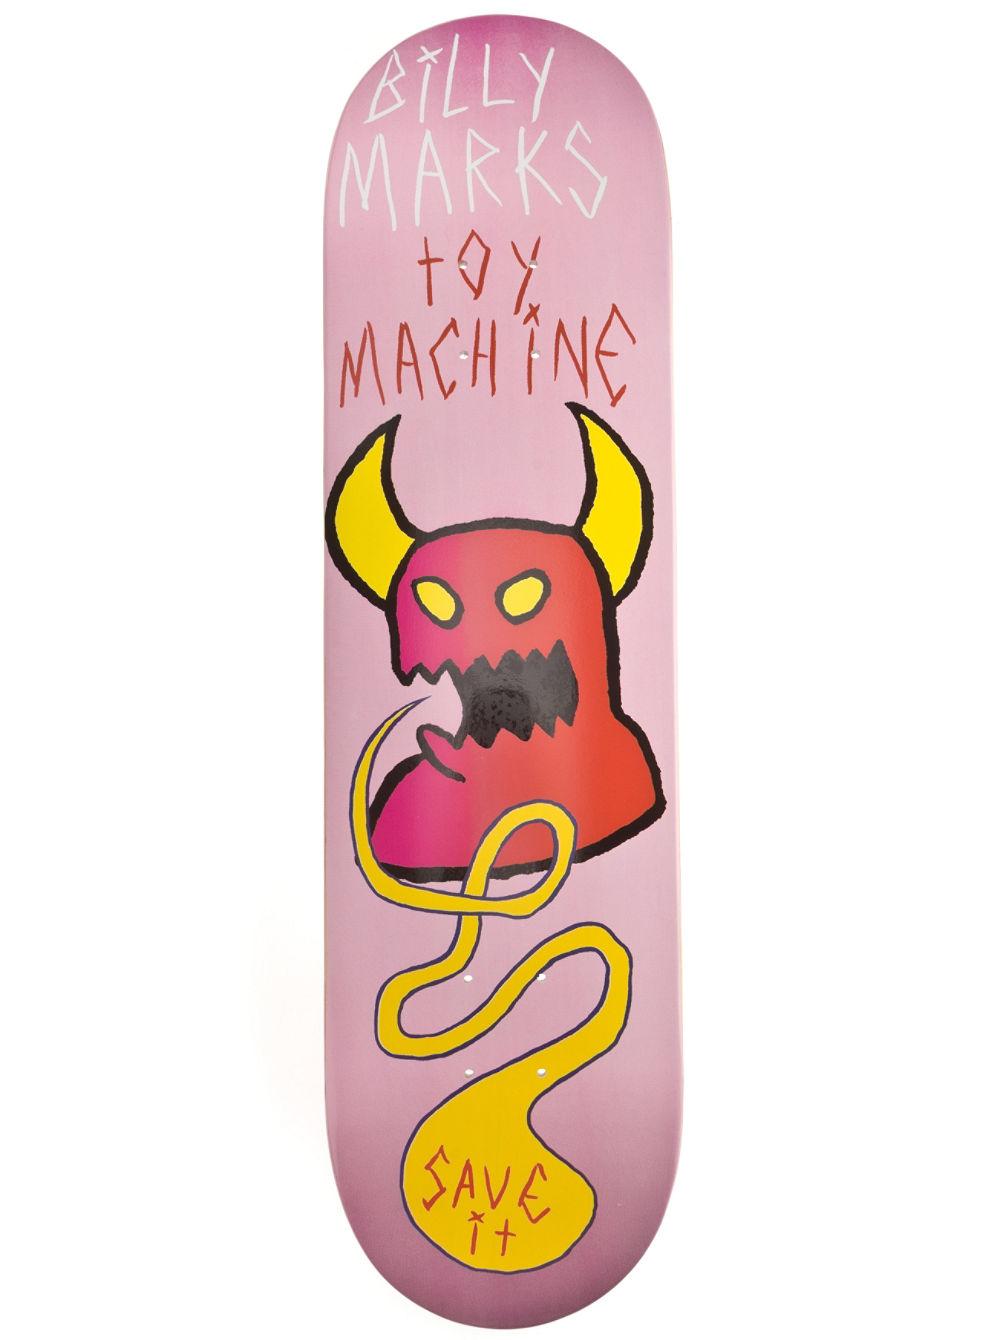 toy-machine-marks-save-it-80-deck